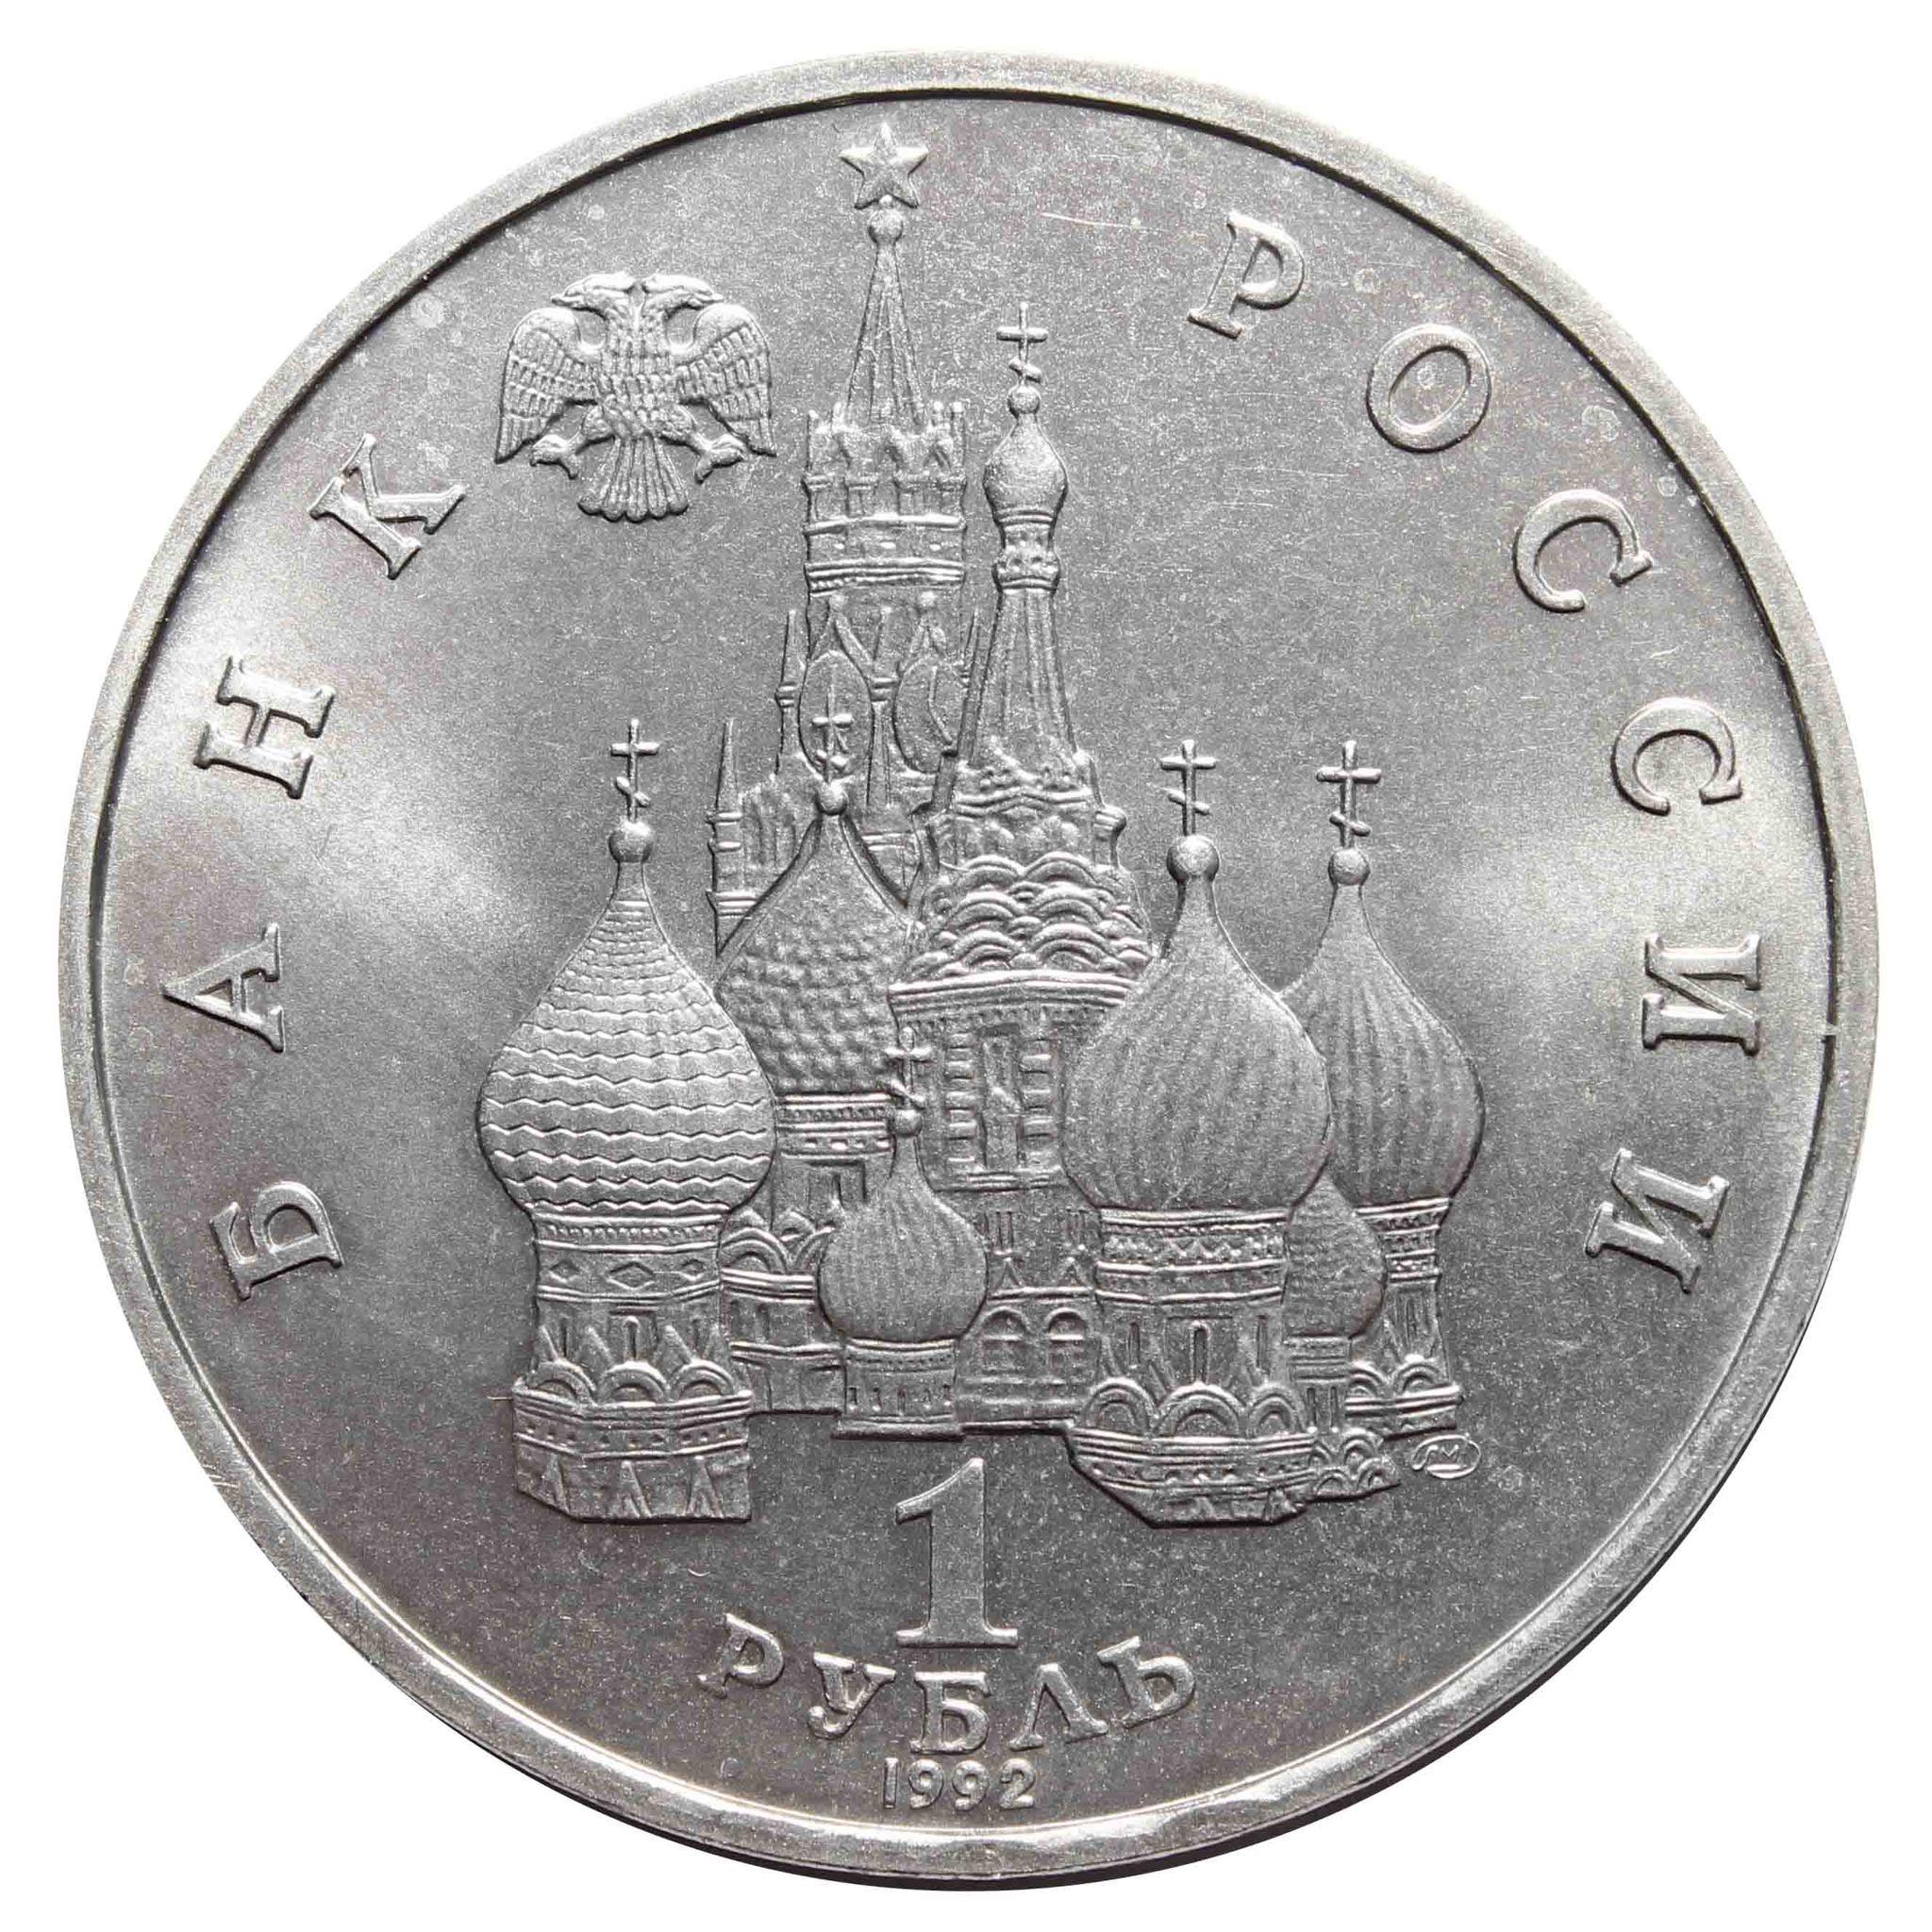 (ац) 1 рубль